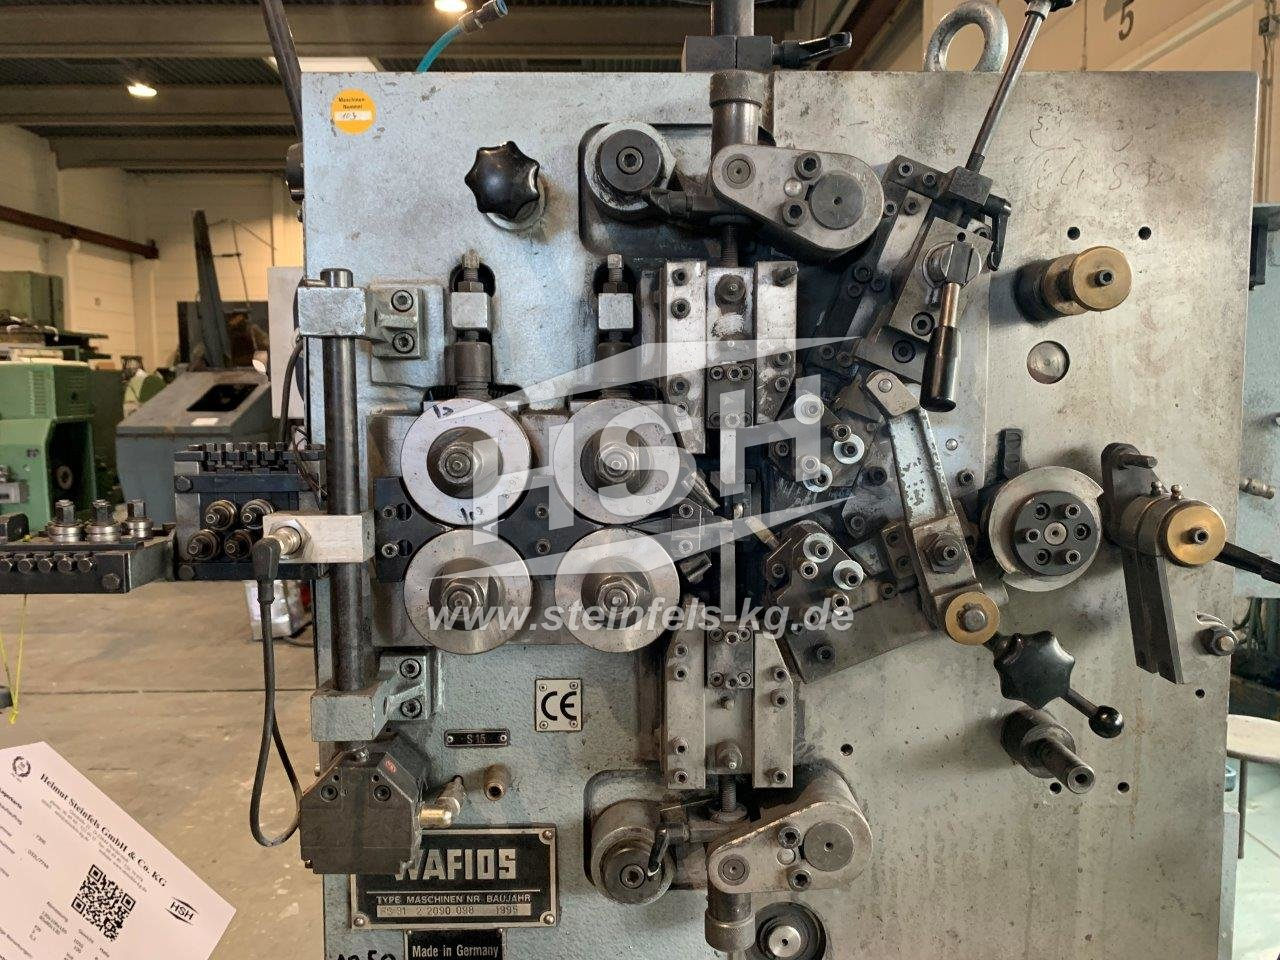 D32L/7744 – WAFIOS – FS31 – 1995 – 0,2-1,8 mm